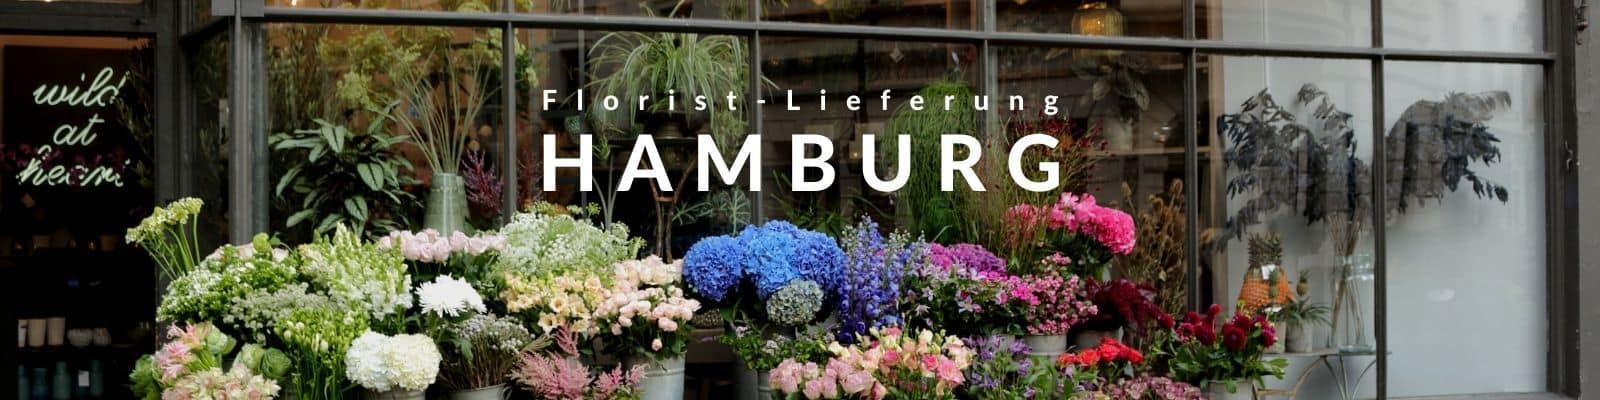 Blumen verschicken Hamburg - Blumenversand Hamburg per Express Lieferservice